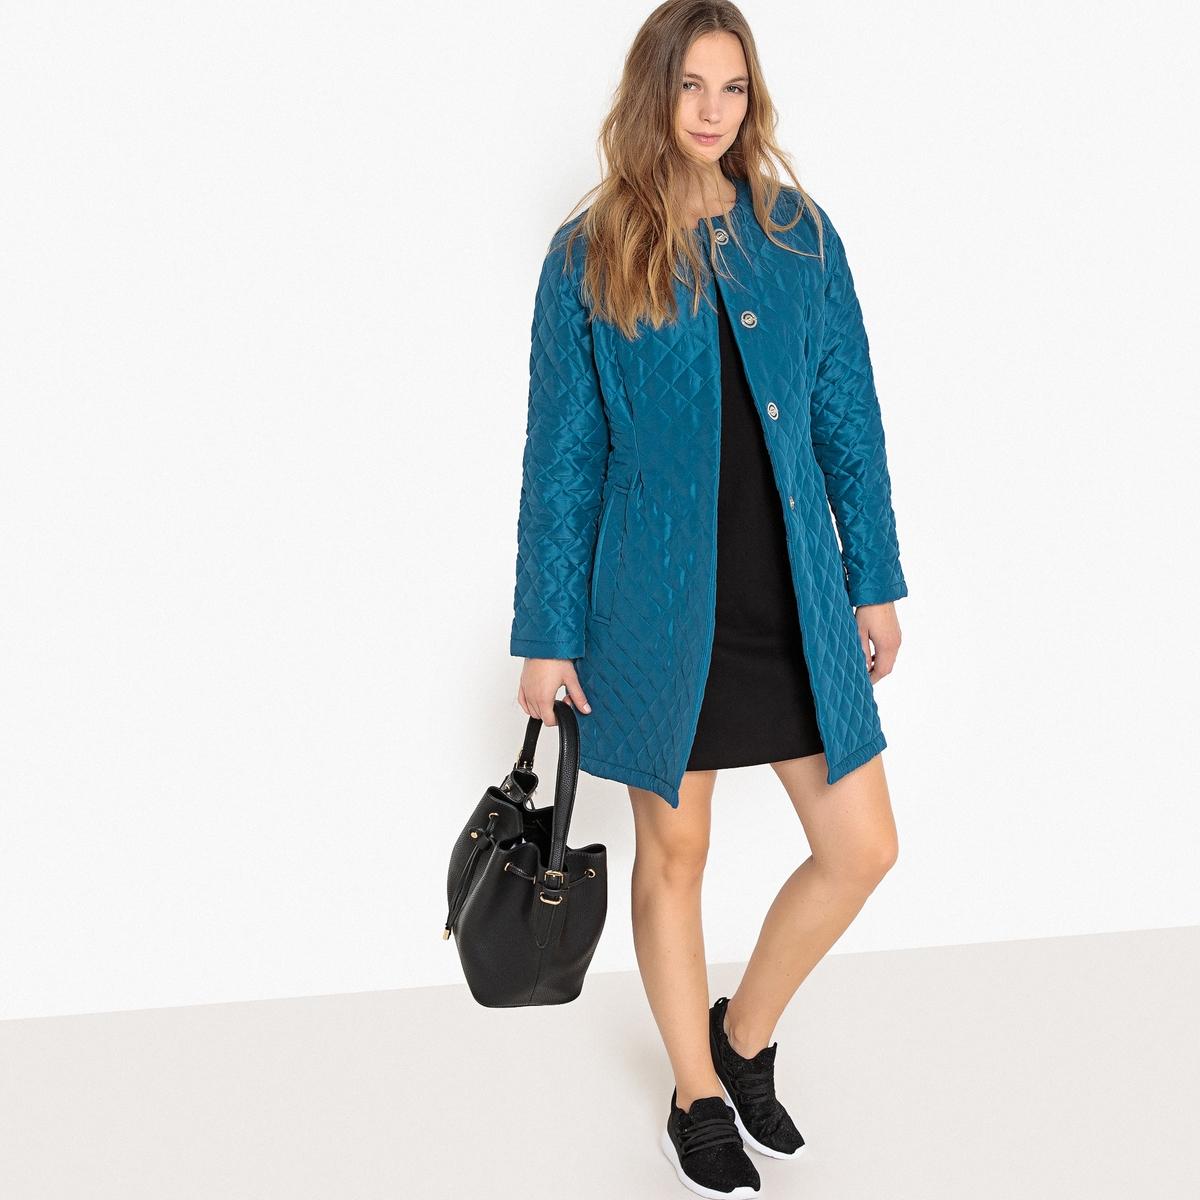 Куртка La Redoute Стеганая легкая без воротника 38 (FR) - 44 (RUS) синий шорты la redoute плавательные с принтом джунгли мес года 18 мес 81 см синий